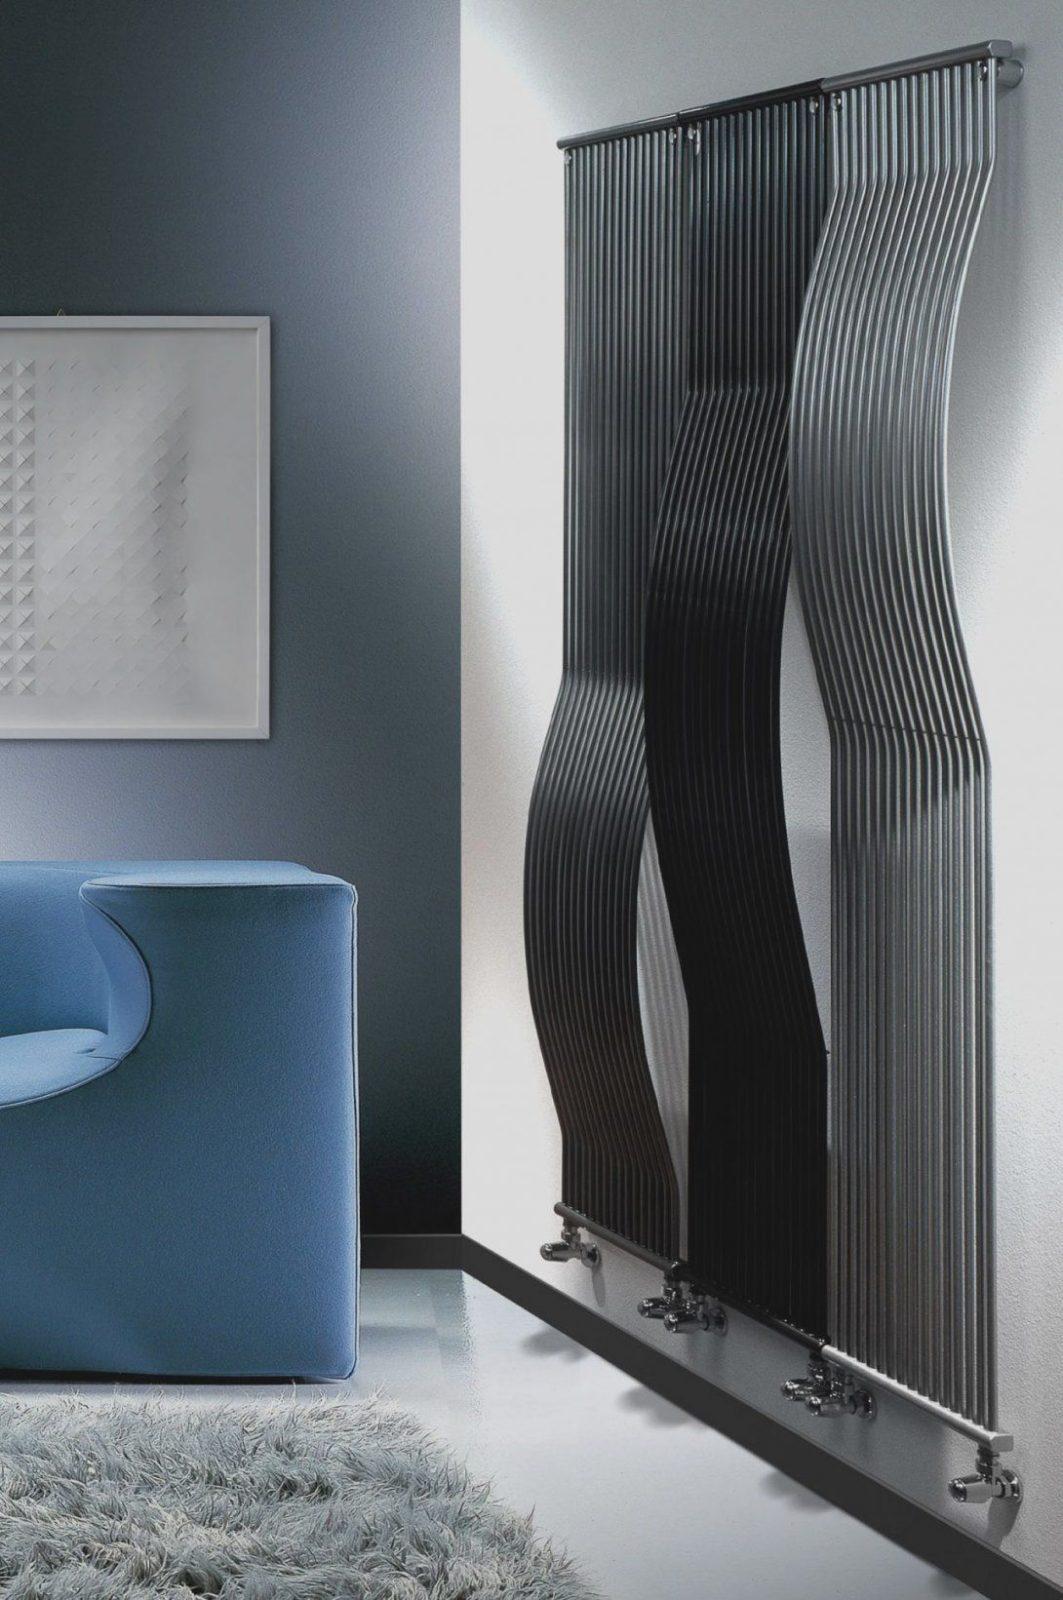 Charmant 37 Moderne Heizkörper Wohnzimmer Haus Ideen Von Moderne Heizkörper Für  Wohnzimmer Photo